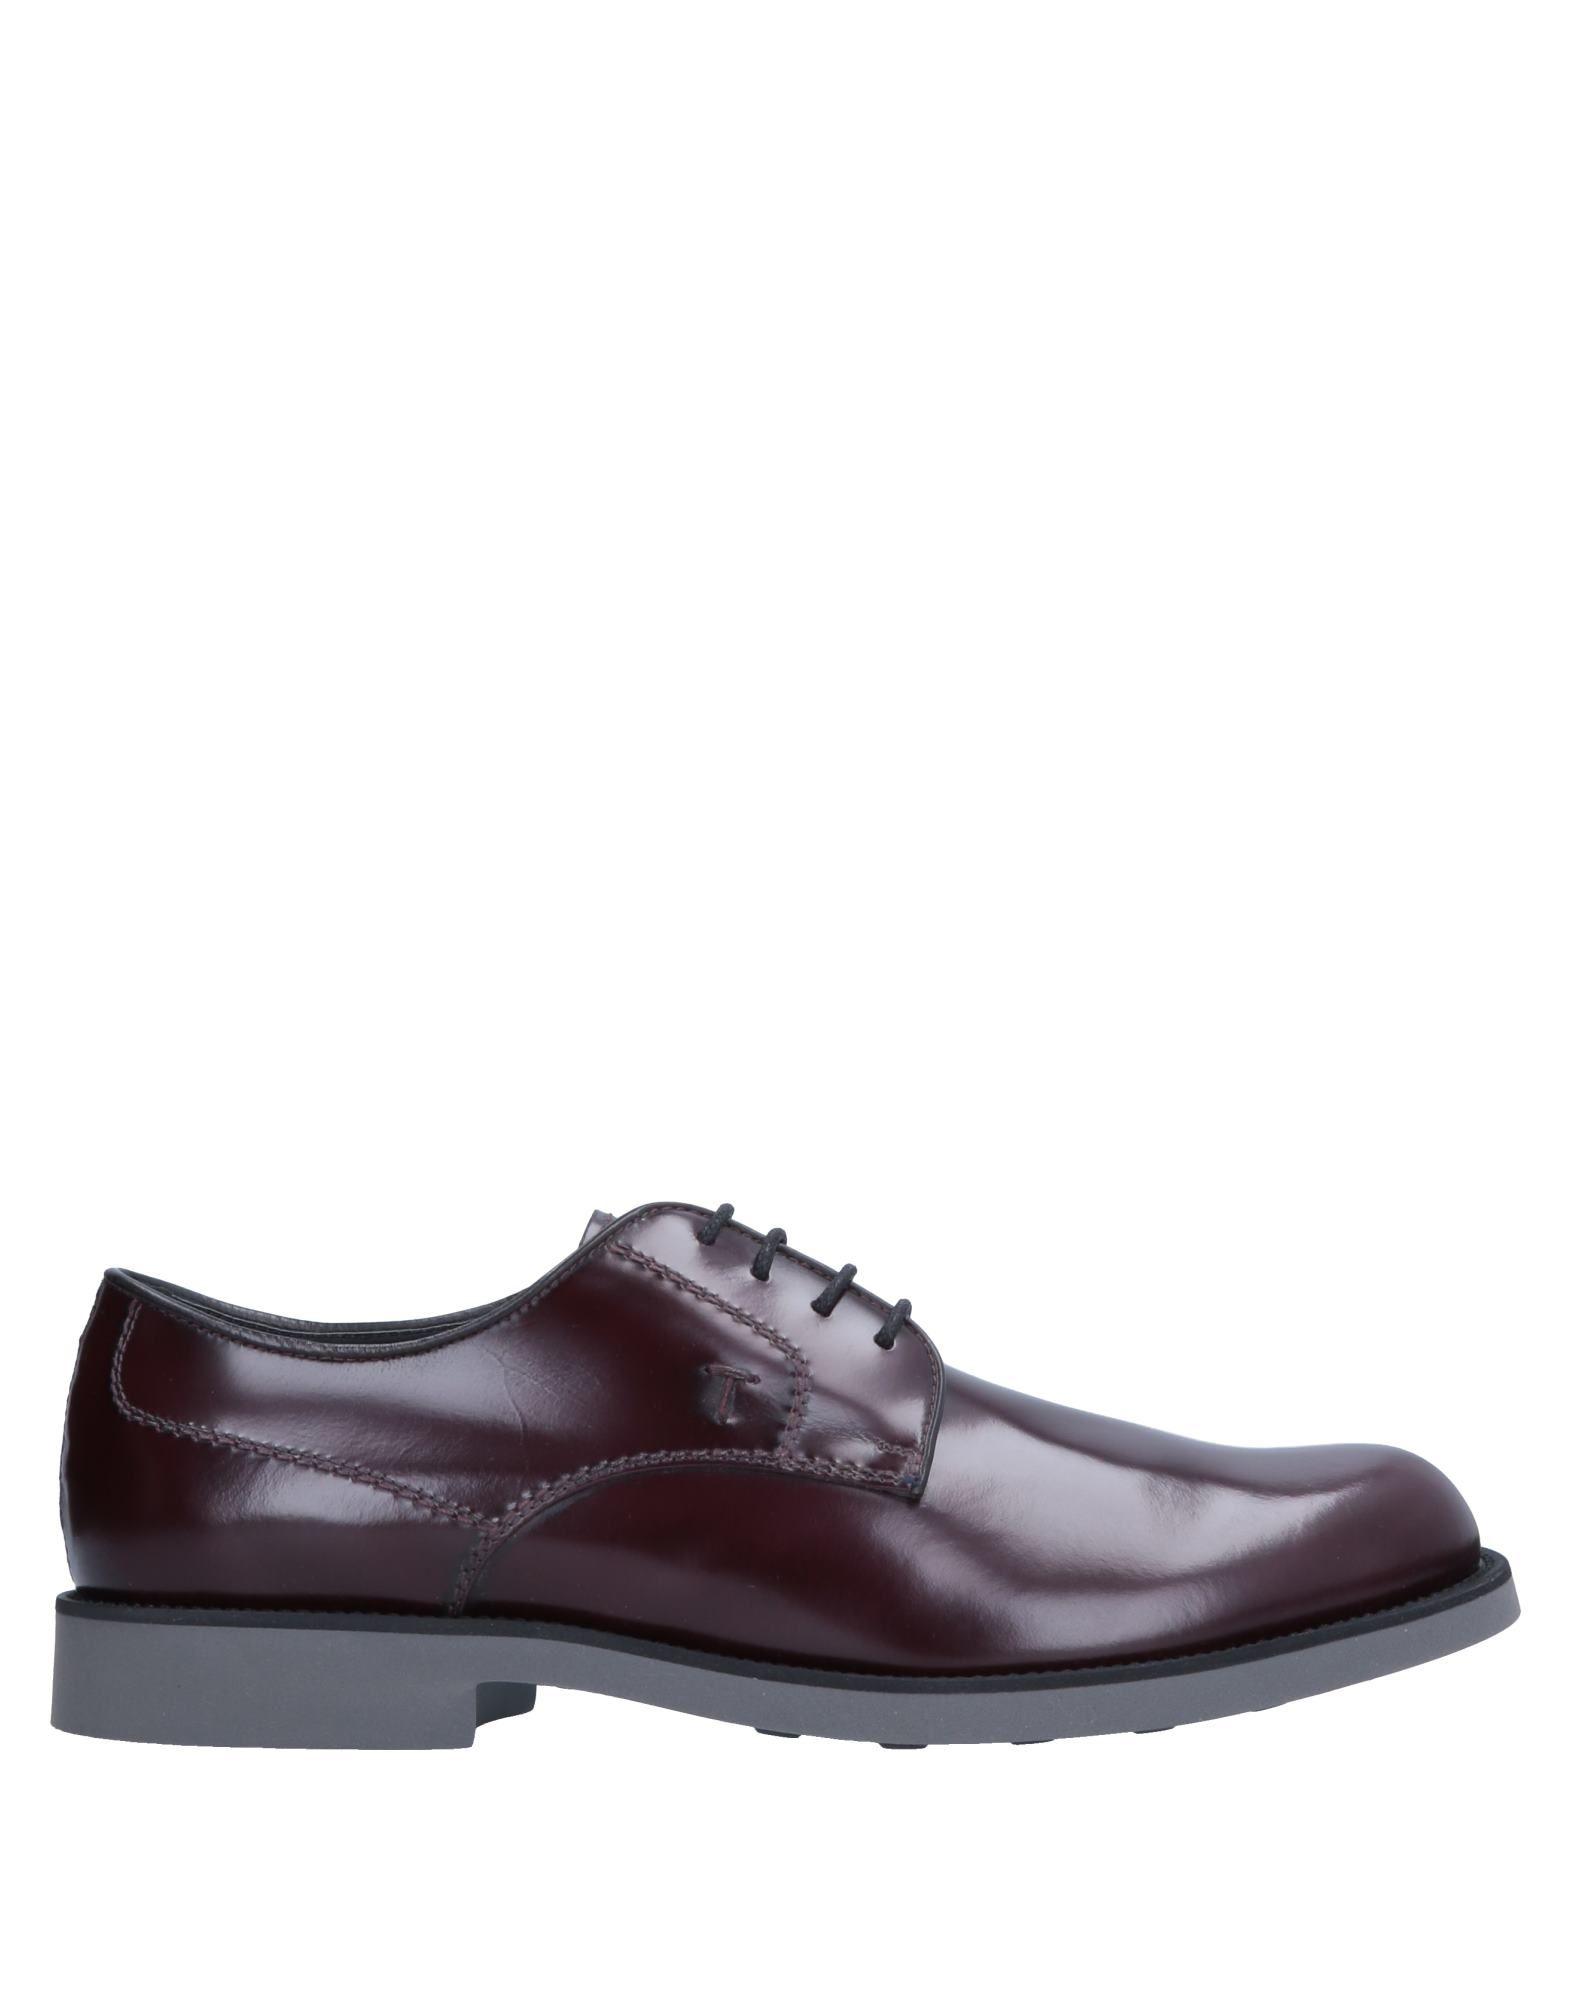 Los últimos zapatos de descuento para hombres mujeres y mujeres hombres  Zapato De Cordones Tod's Hombre - Zapatos De Cordones Tod's 835095